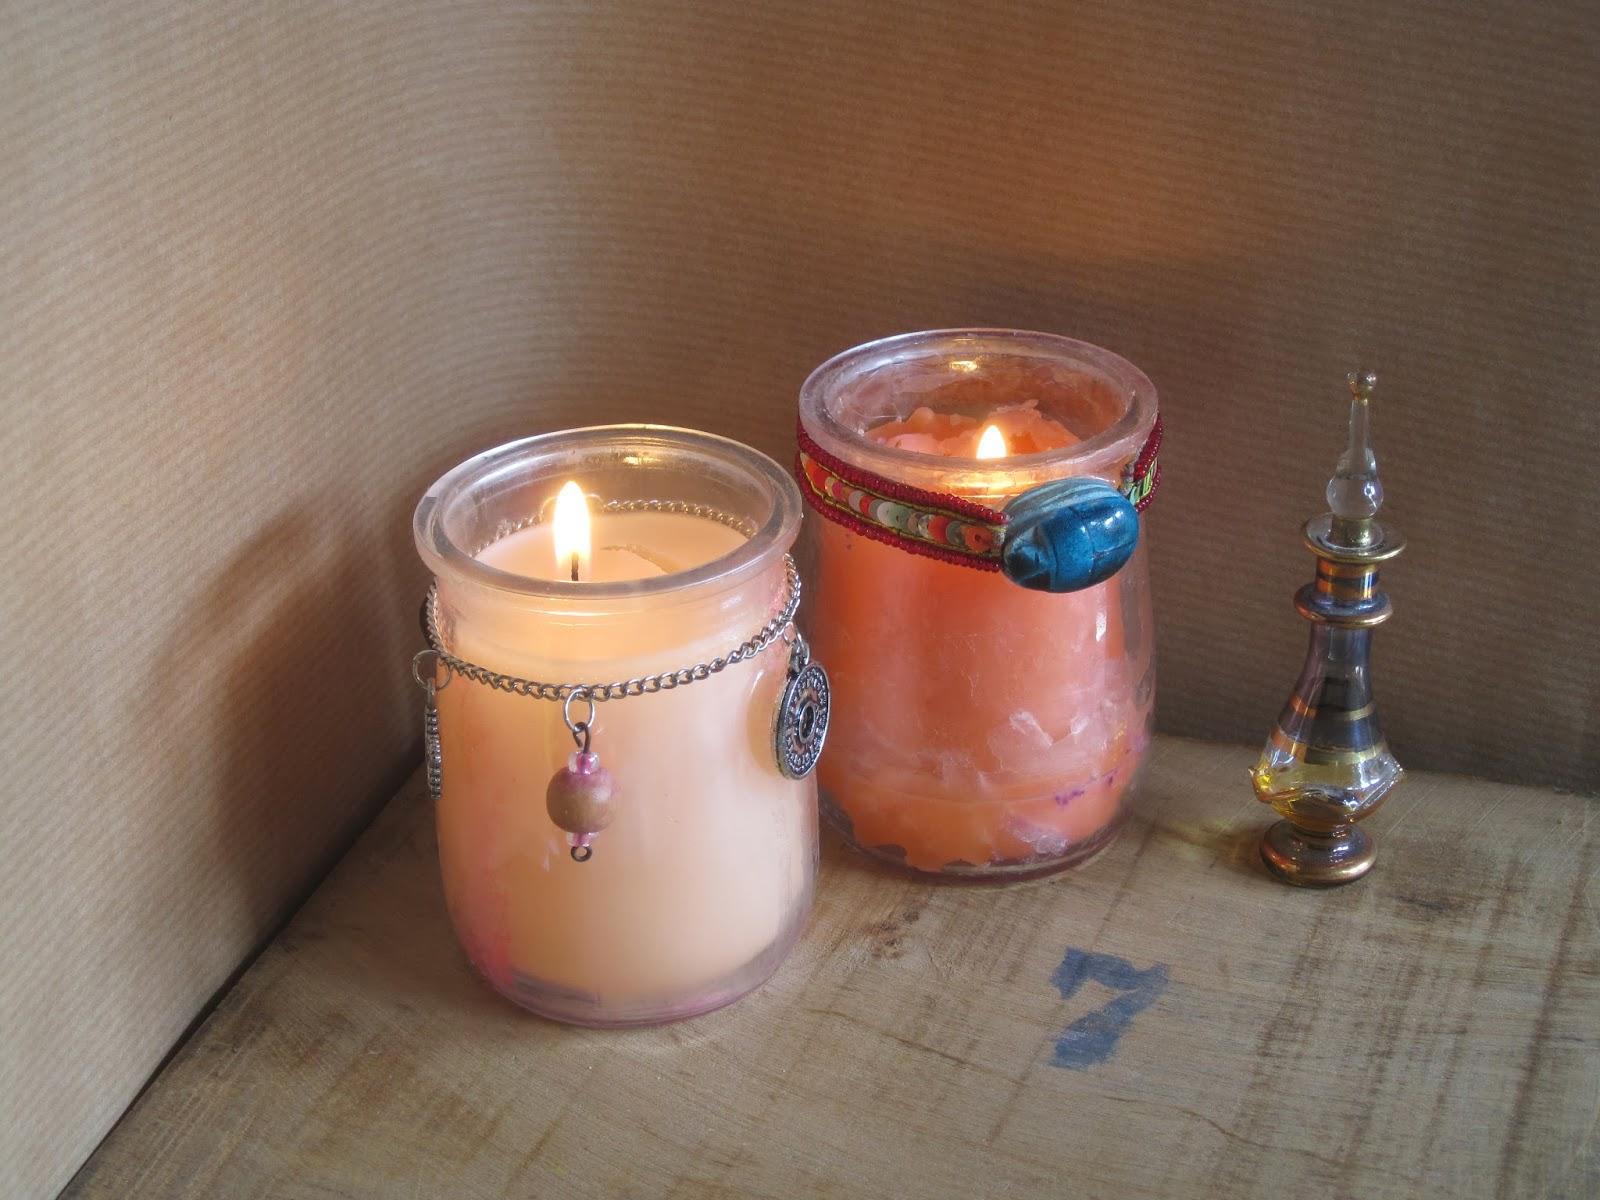 El arte de las cosas nimias c mo hacer velas caseras con for Como hacer velas aromaticas en casa